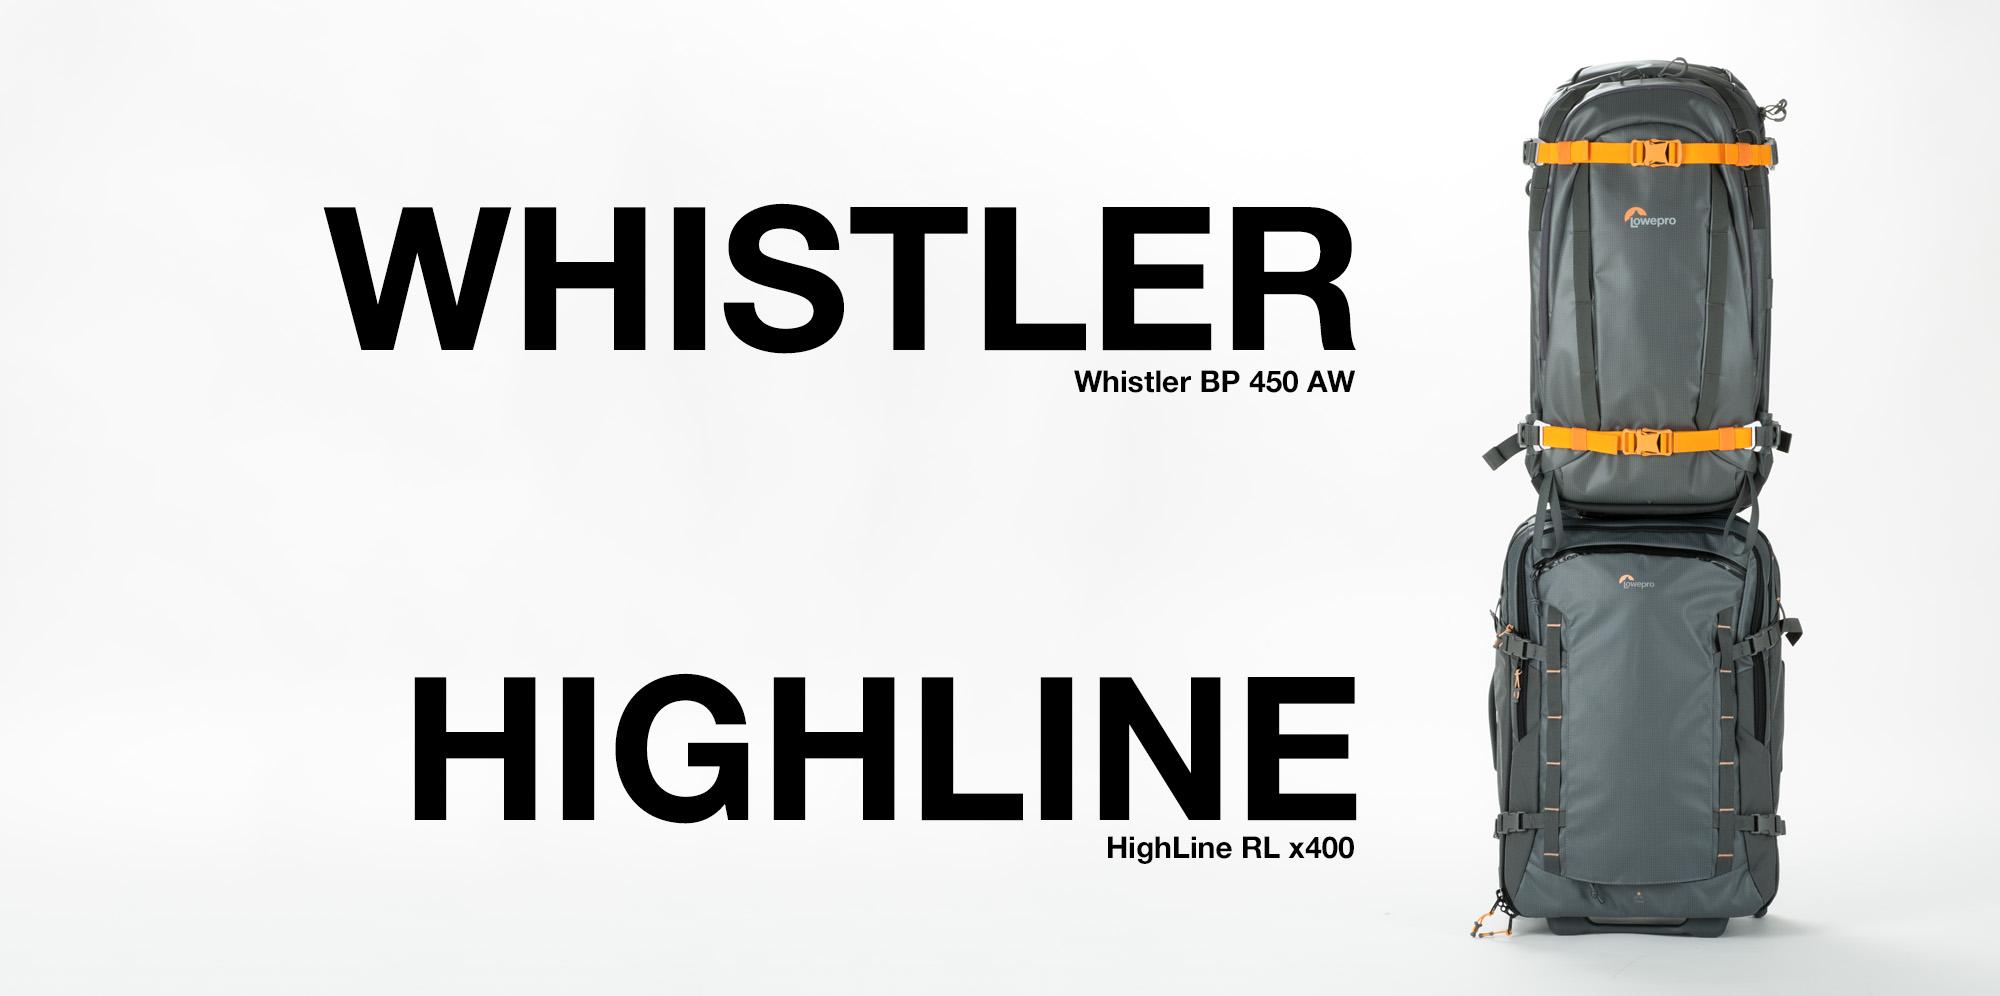 Whistler-HighLine-Top3